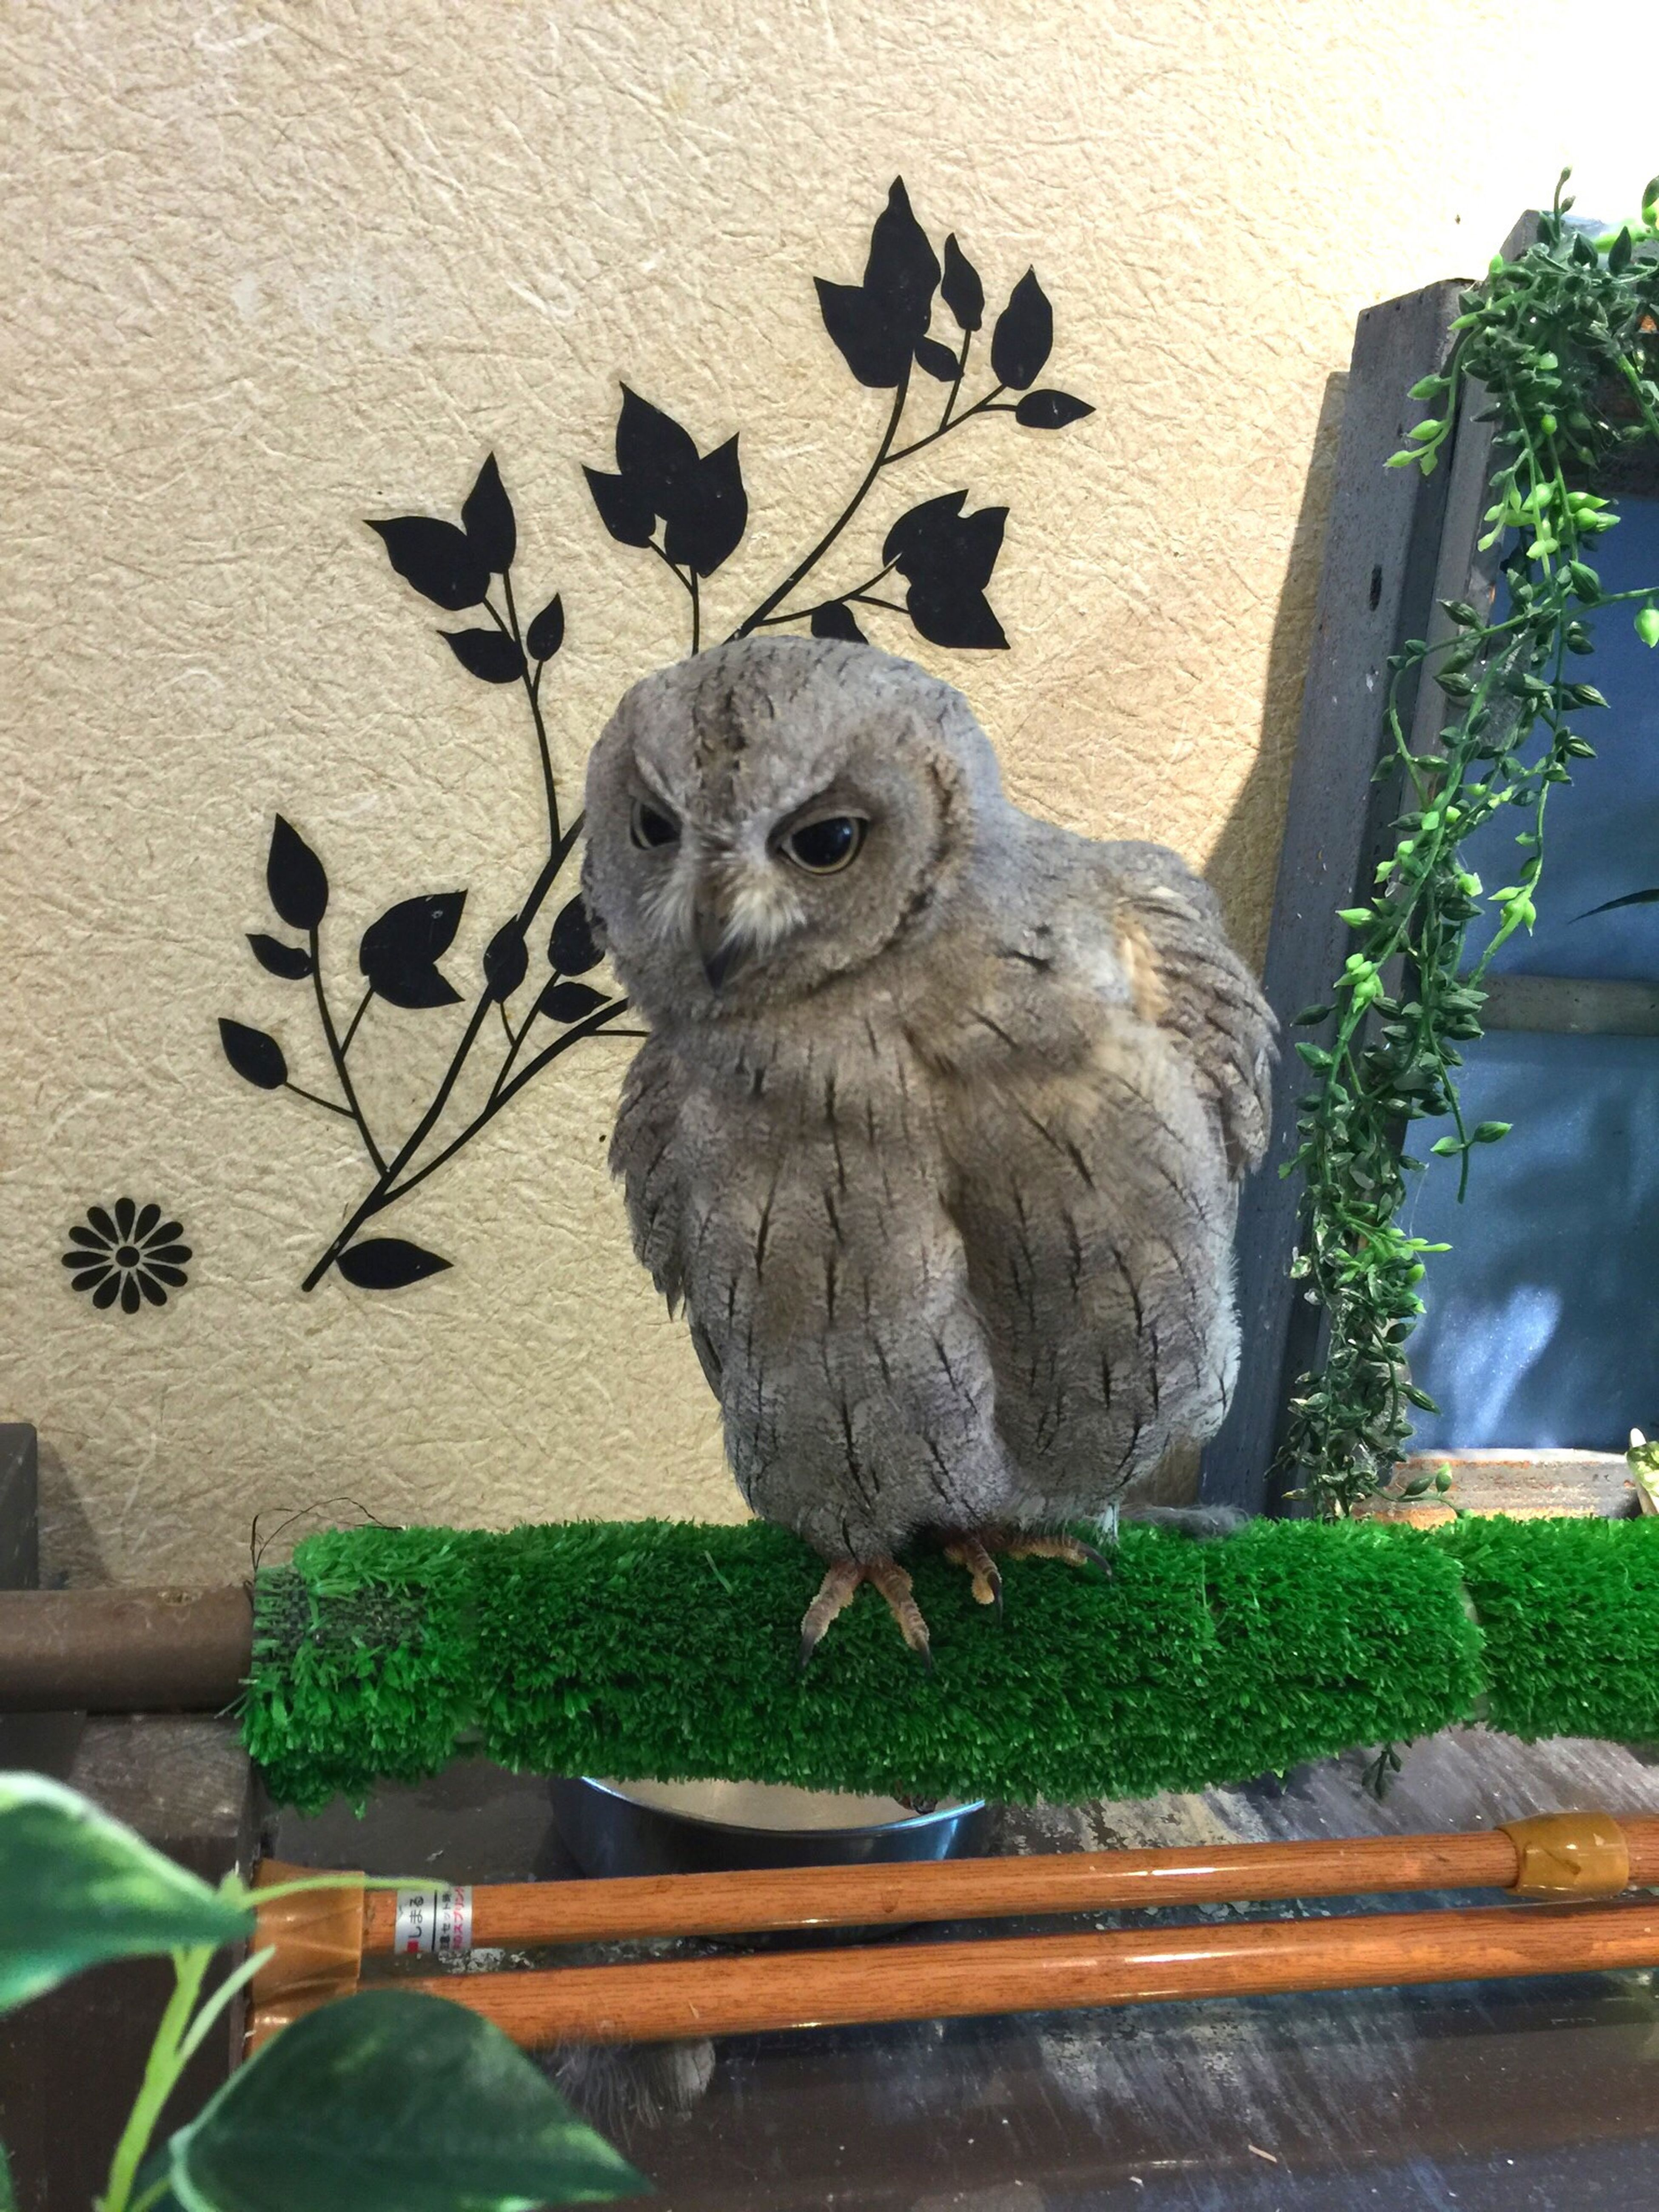 お色気フクロウ Owl Owl Cafe Cute Animal Animals That Look Tho Sexygirl Sexyboy Sexyface Lol :) フクロウ ふくろうカフェ ふくろうカフェ 動物 可愛い 奈良 東大寺付近 お色気 セクシー な顔 旅行